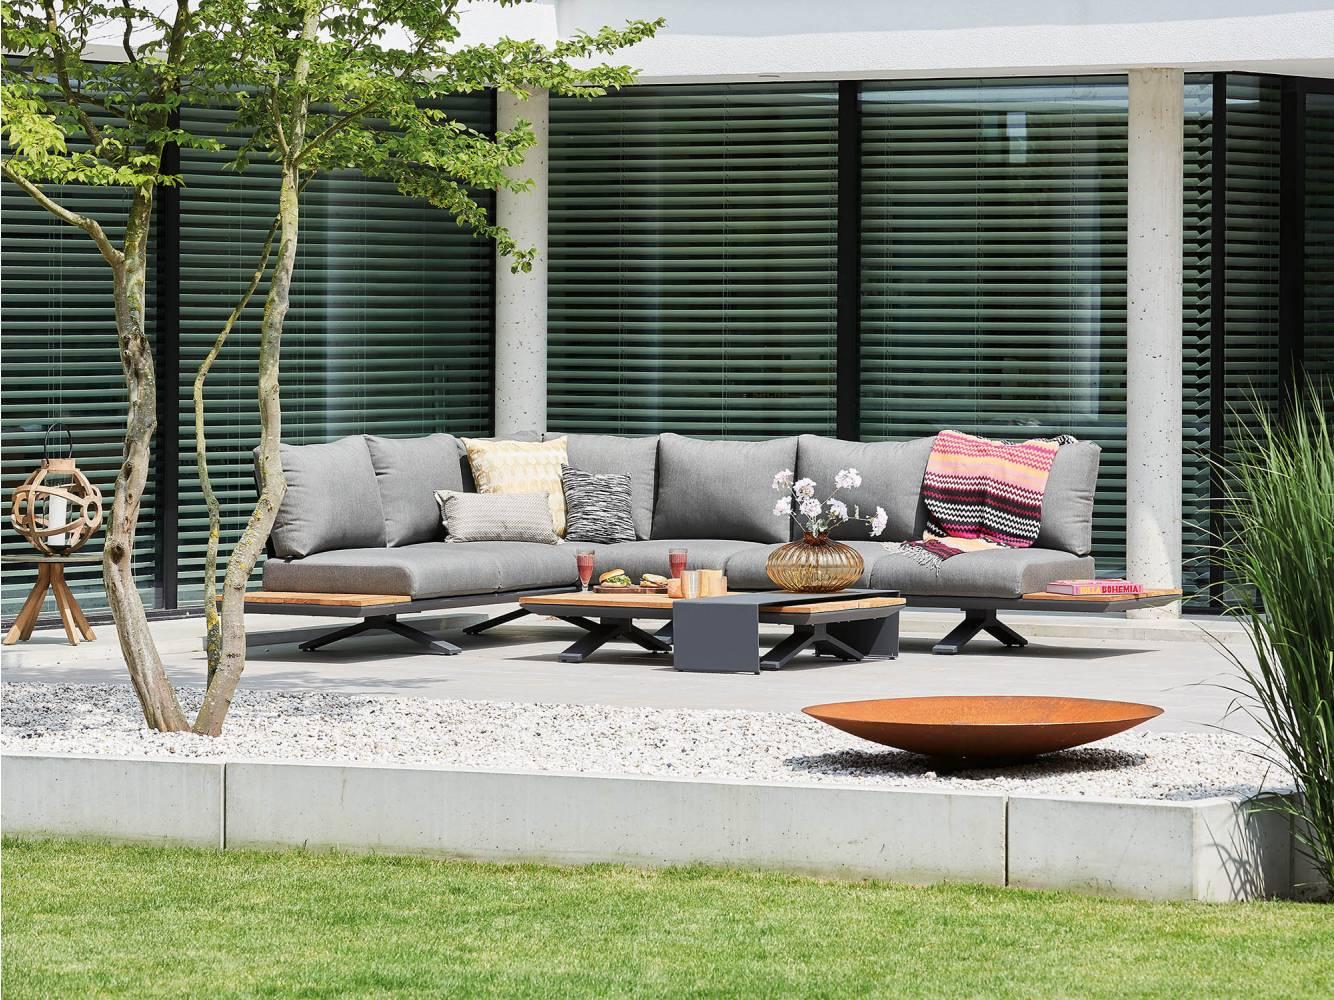 Mooie aluminium hoek loungesets voor in de tuin nieuwe wonen